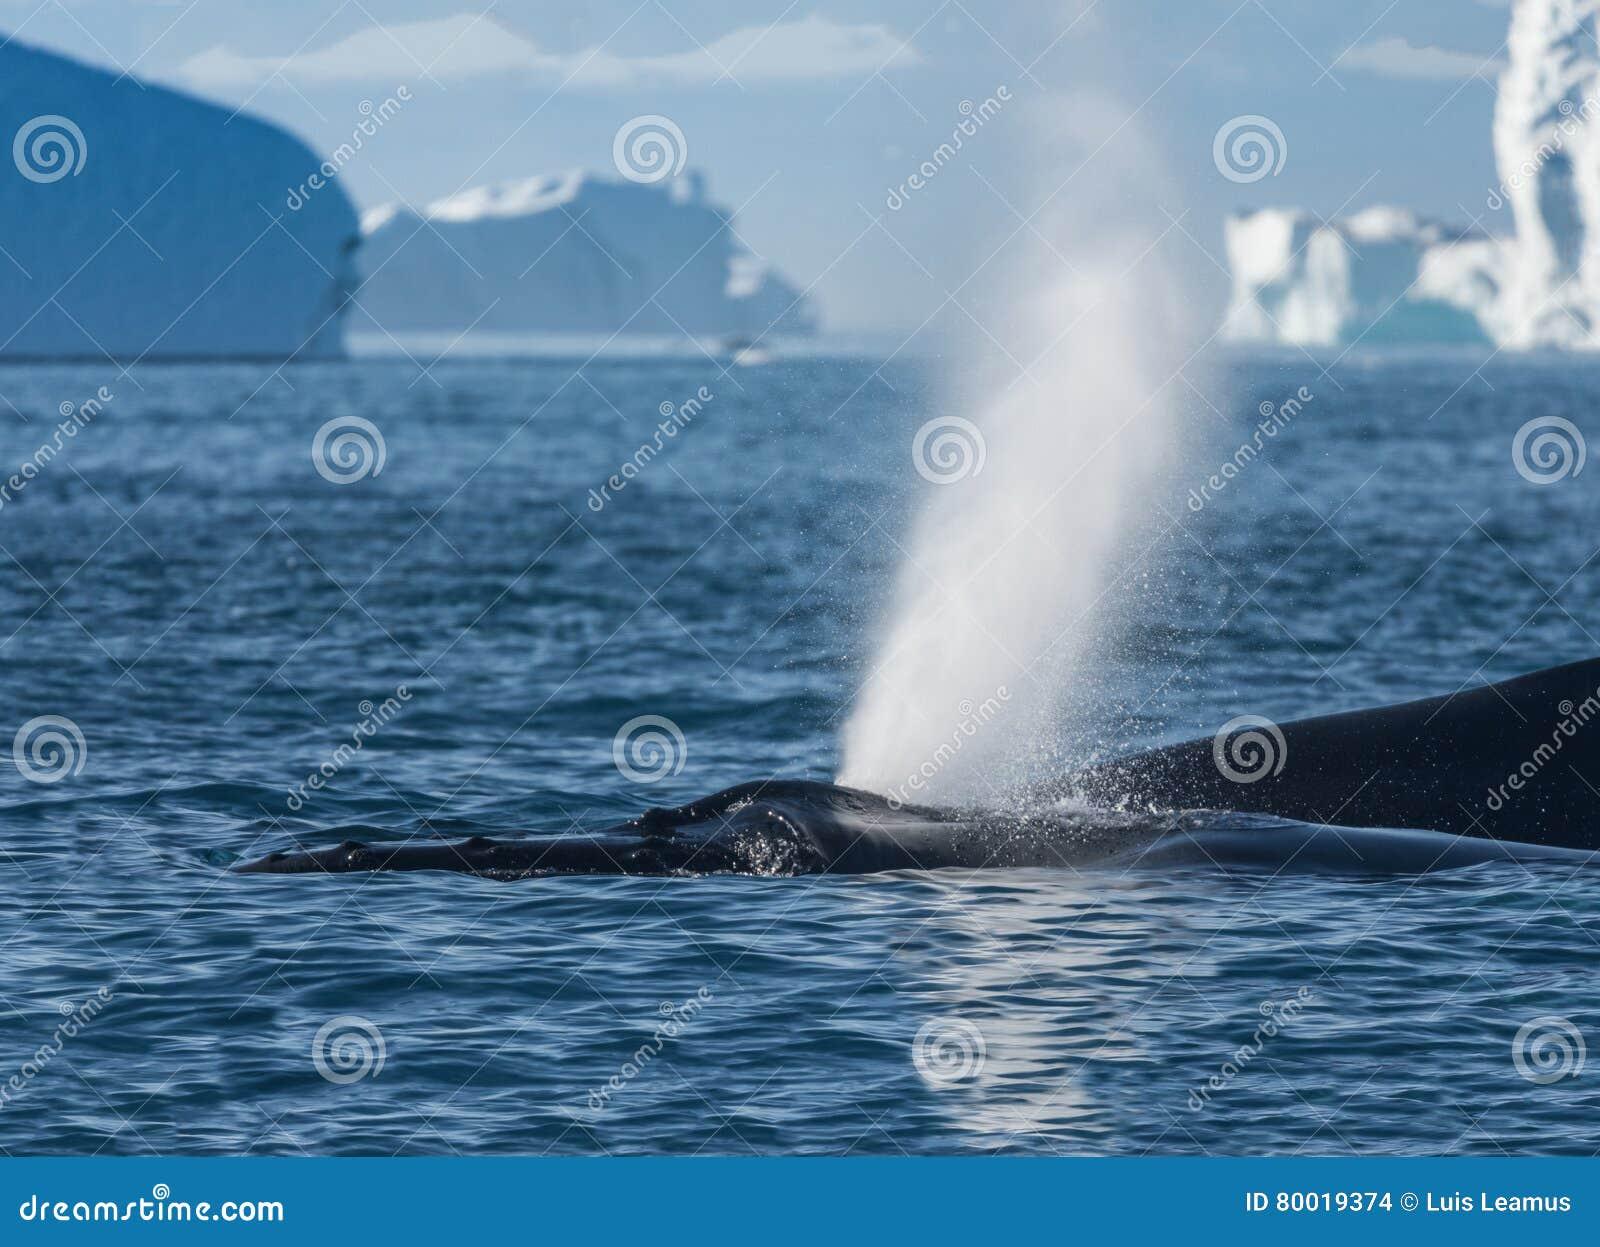 Humpback wieloryby karmi wśród gigantycznych gór lodowa, Ilulissat, Greenla